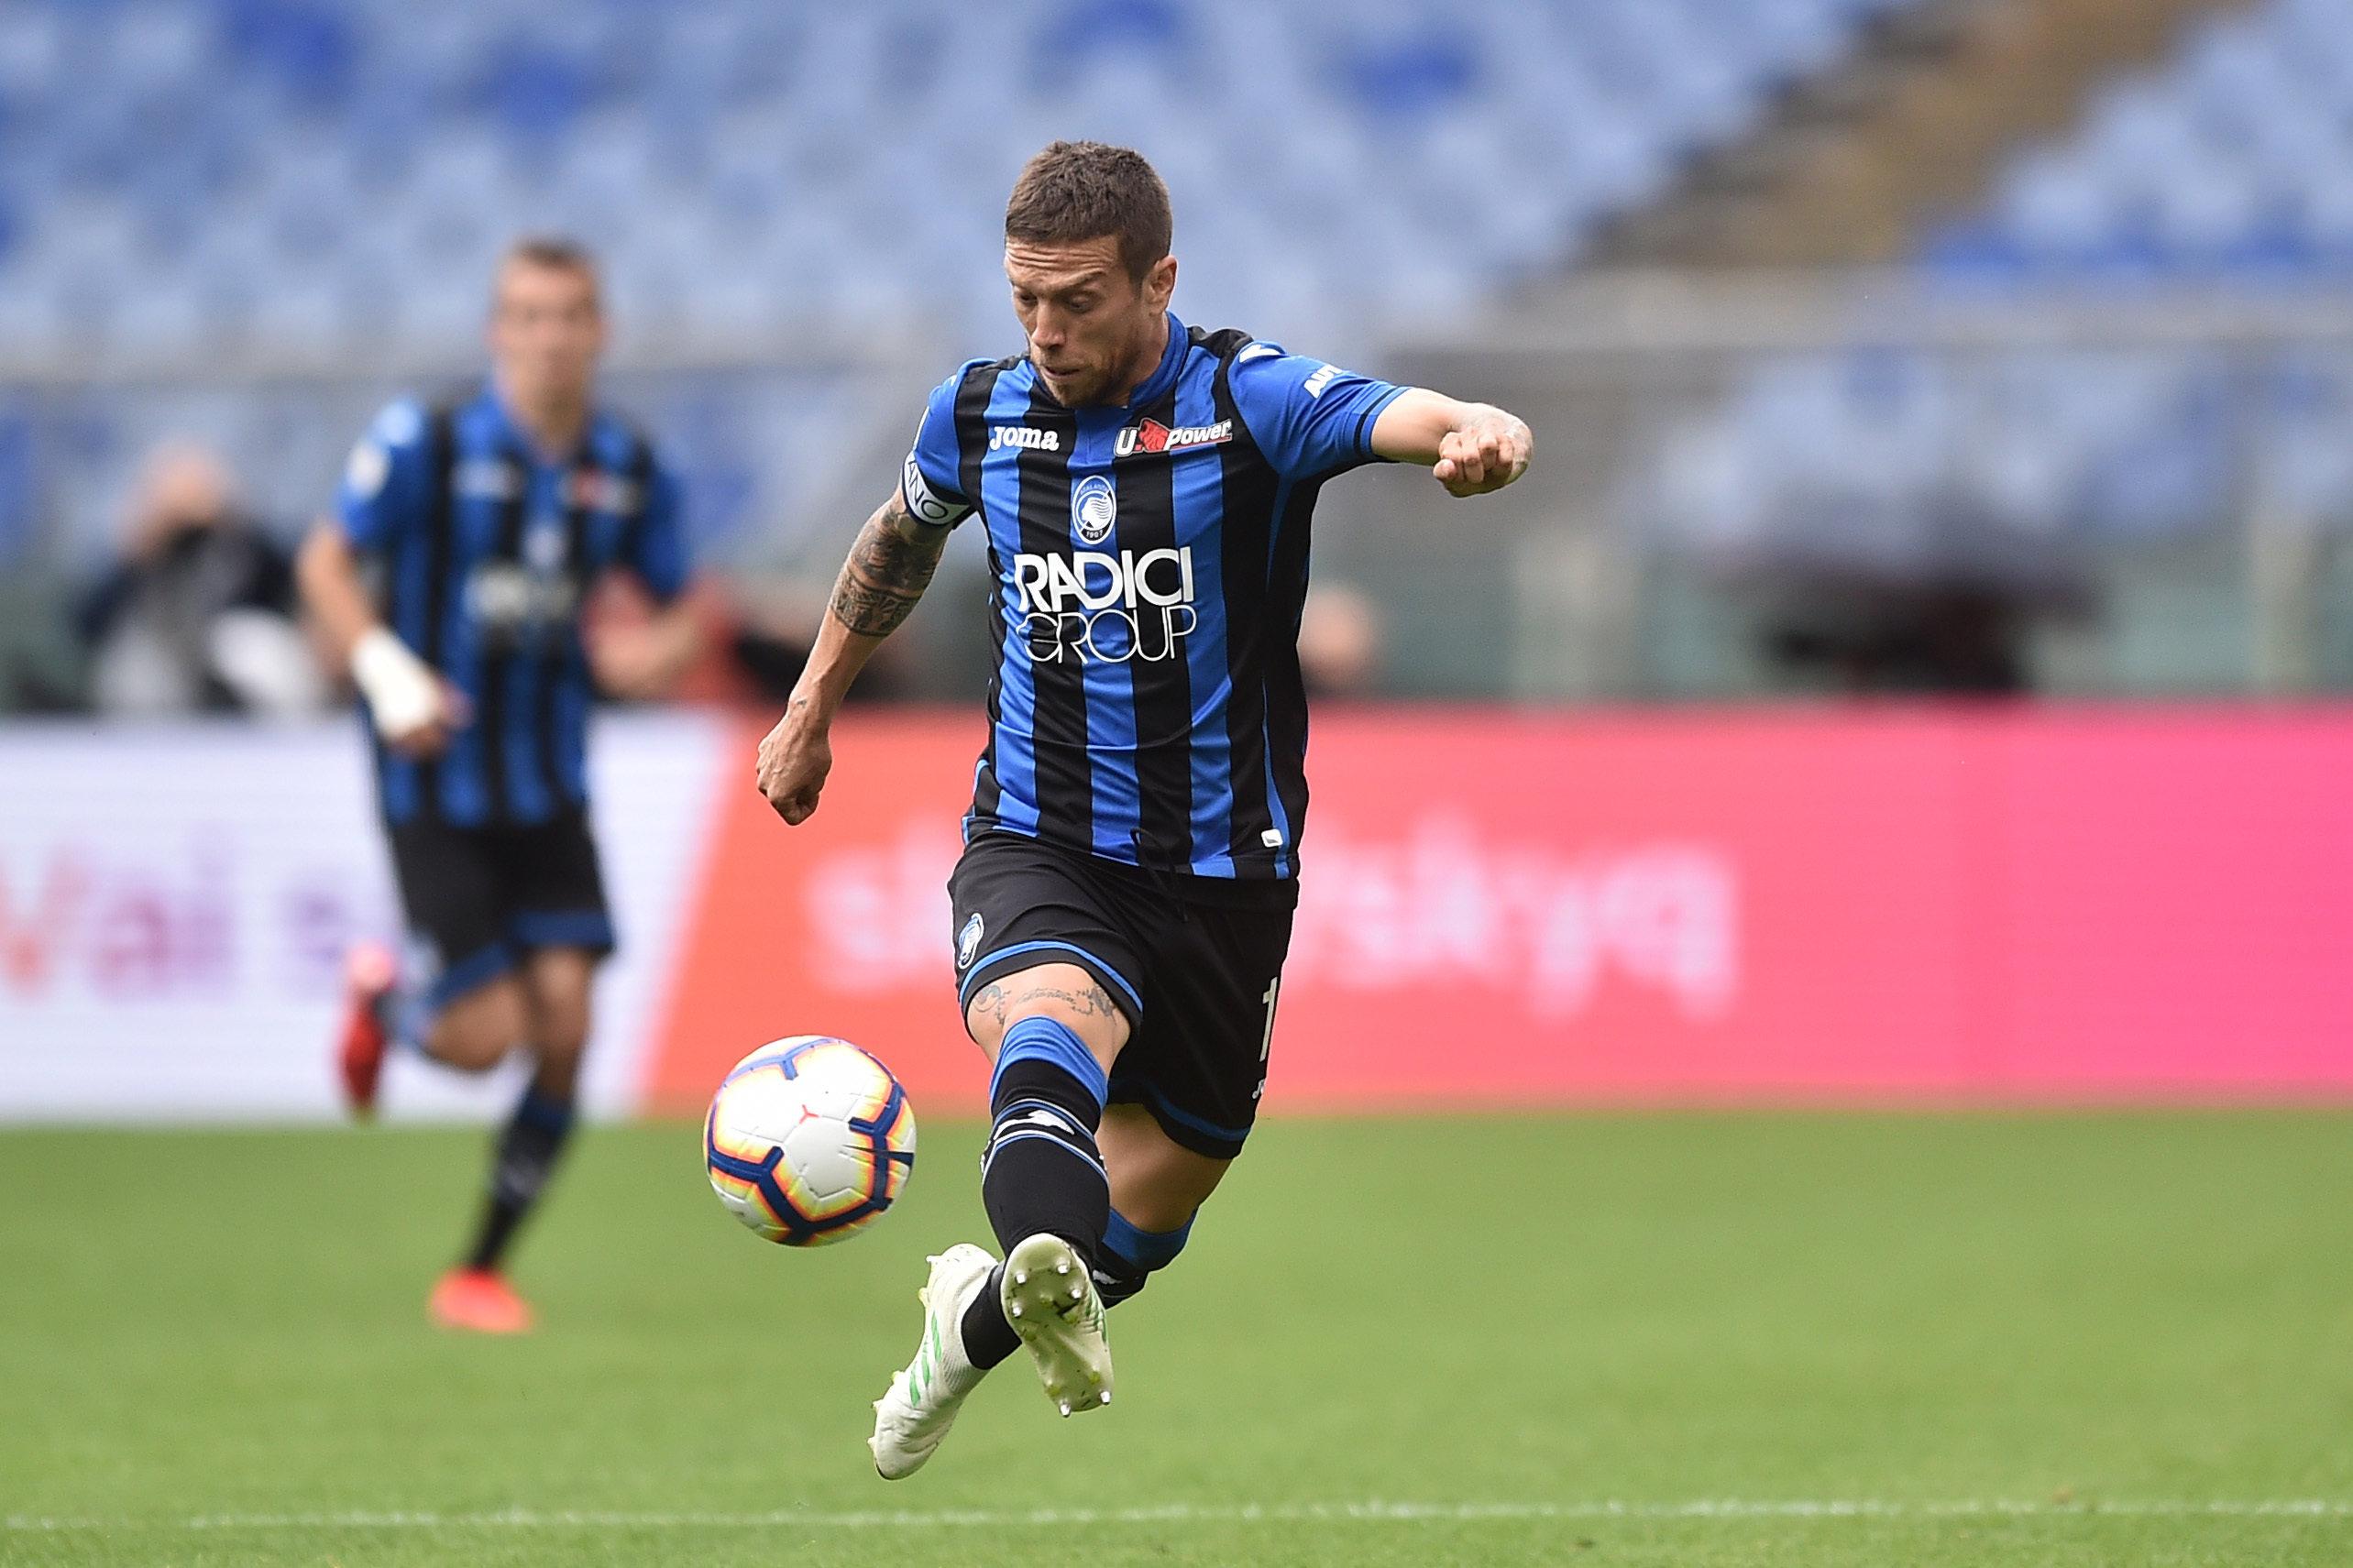 Coppa Italia Final: Atalanta vs. Lazio Preview and Betting Tips